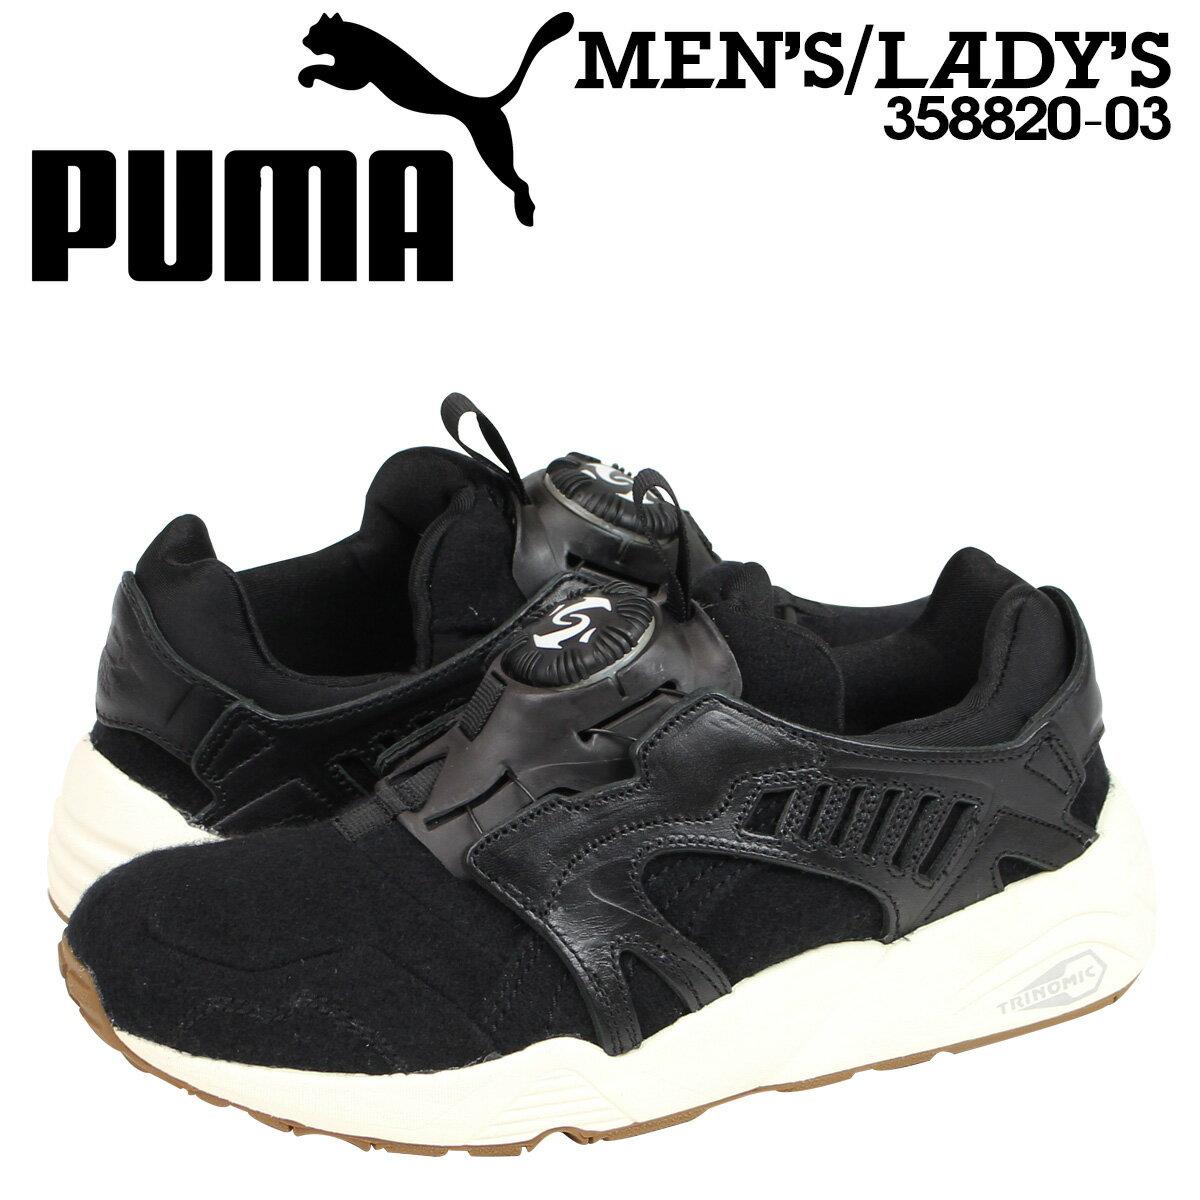 プーマ PUMA スニーカー DISC BLAZE FELT 358820-03 メンズ レディース 靴 ブラック